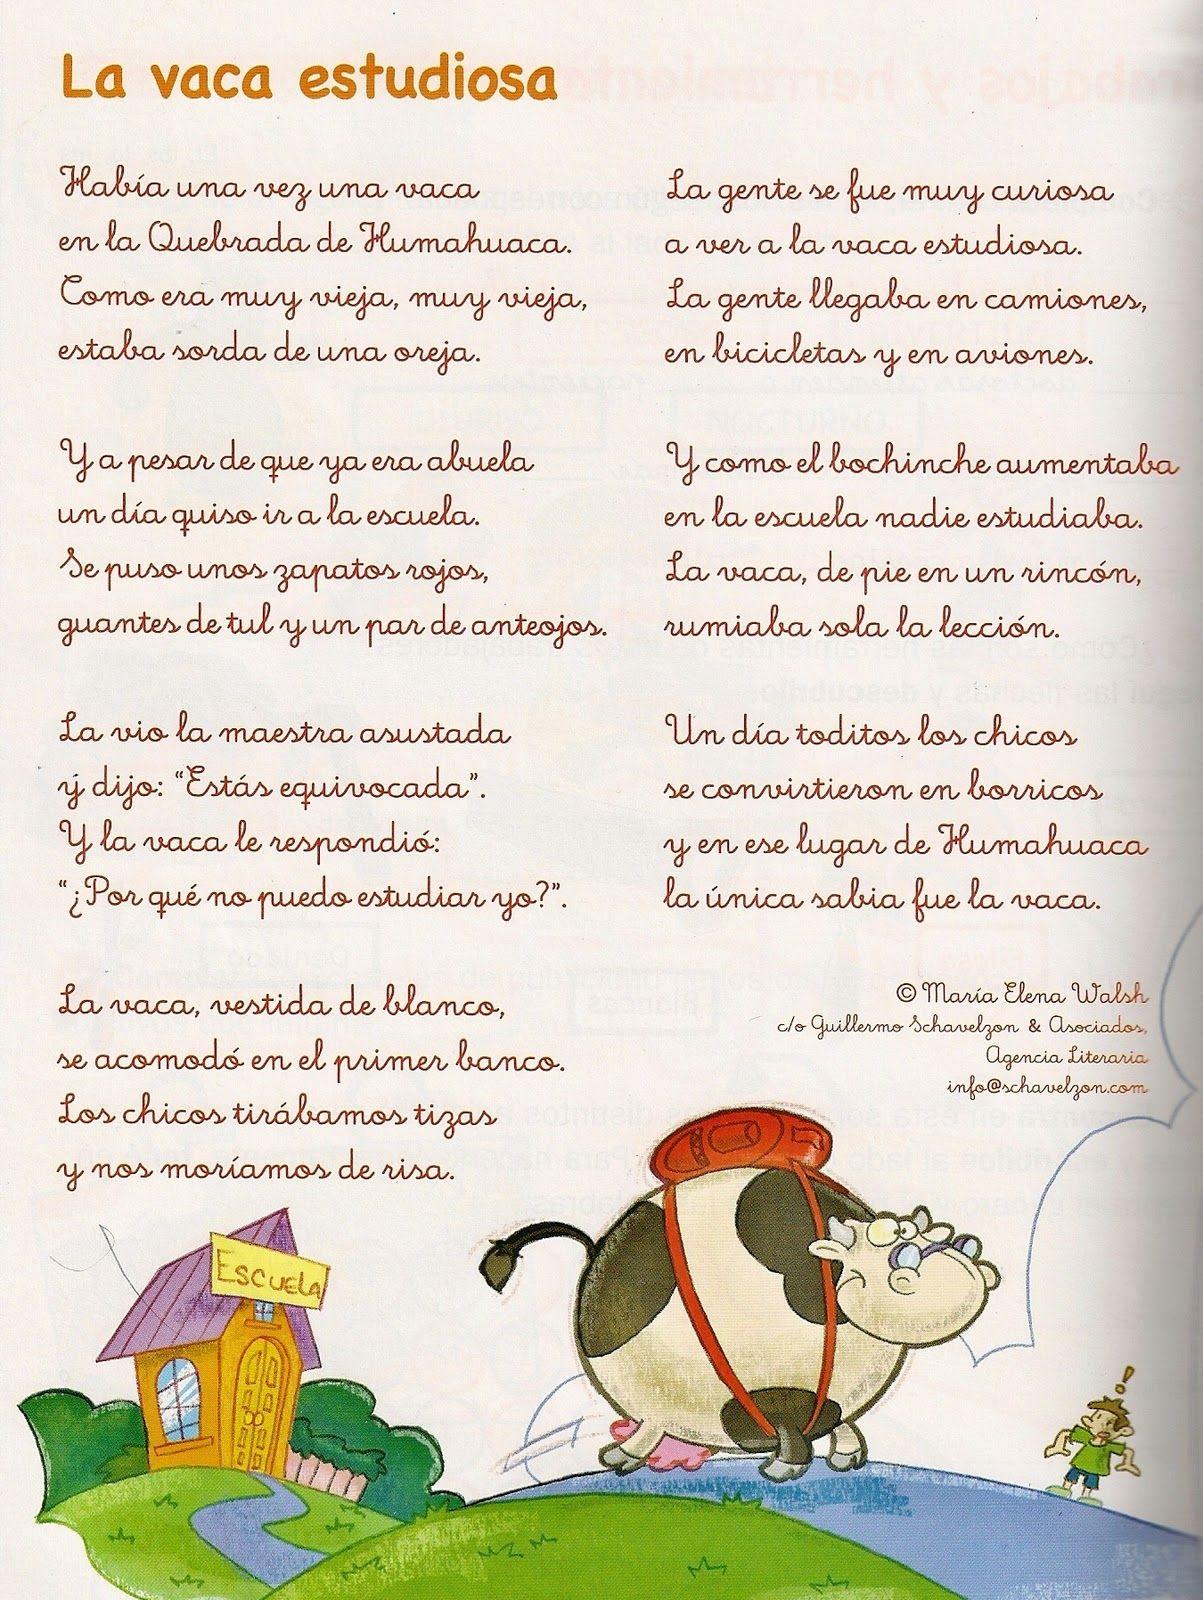 La Vaca Estudiosa Rimas Versos Y Estrofas Primer Ciclo picture ...